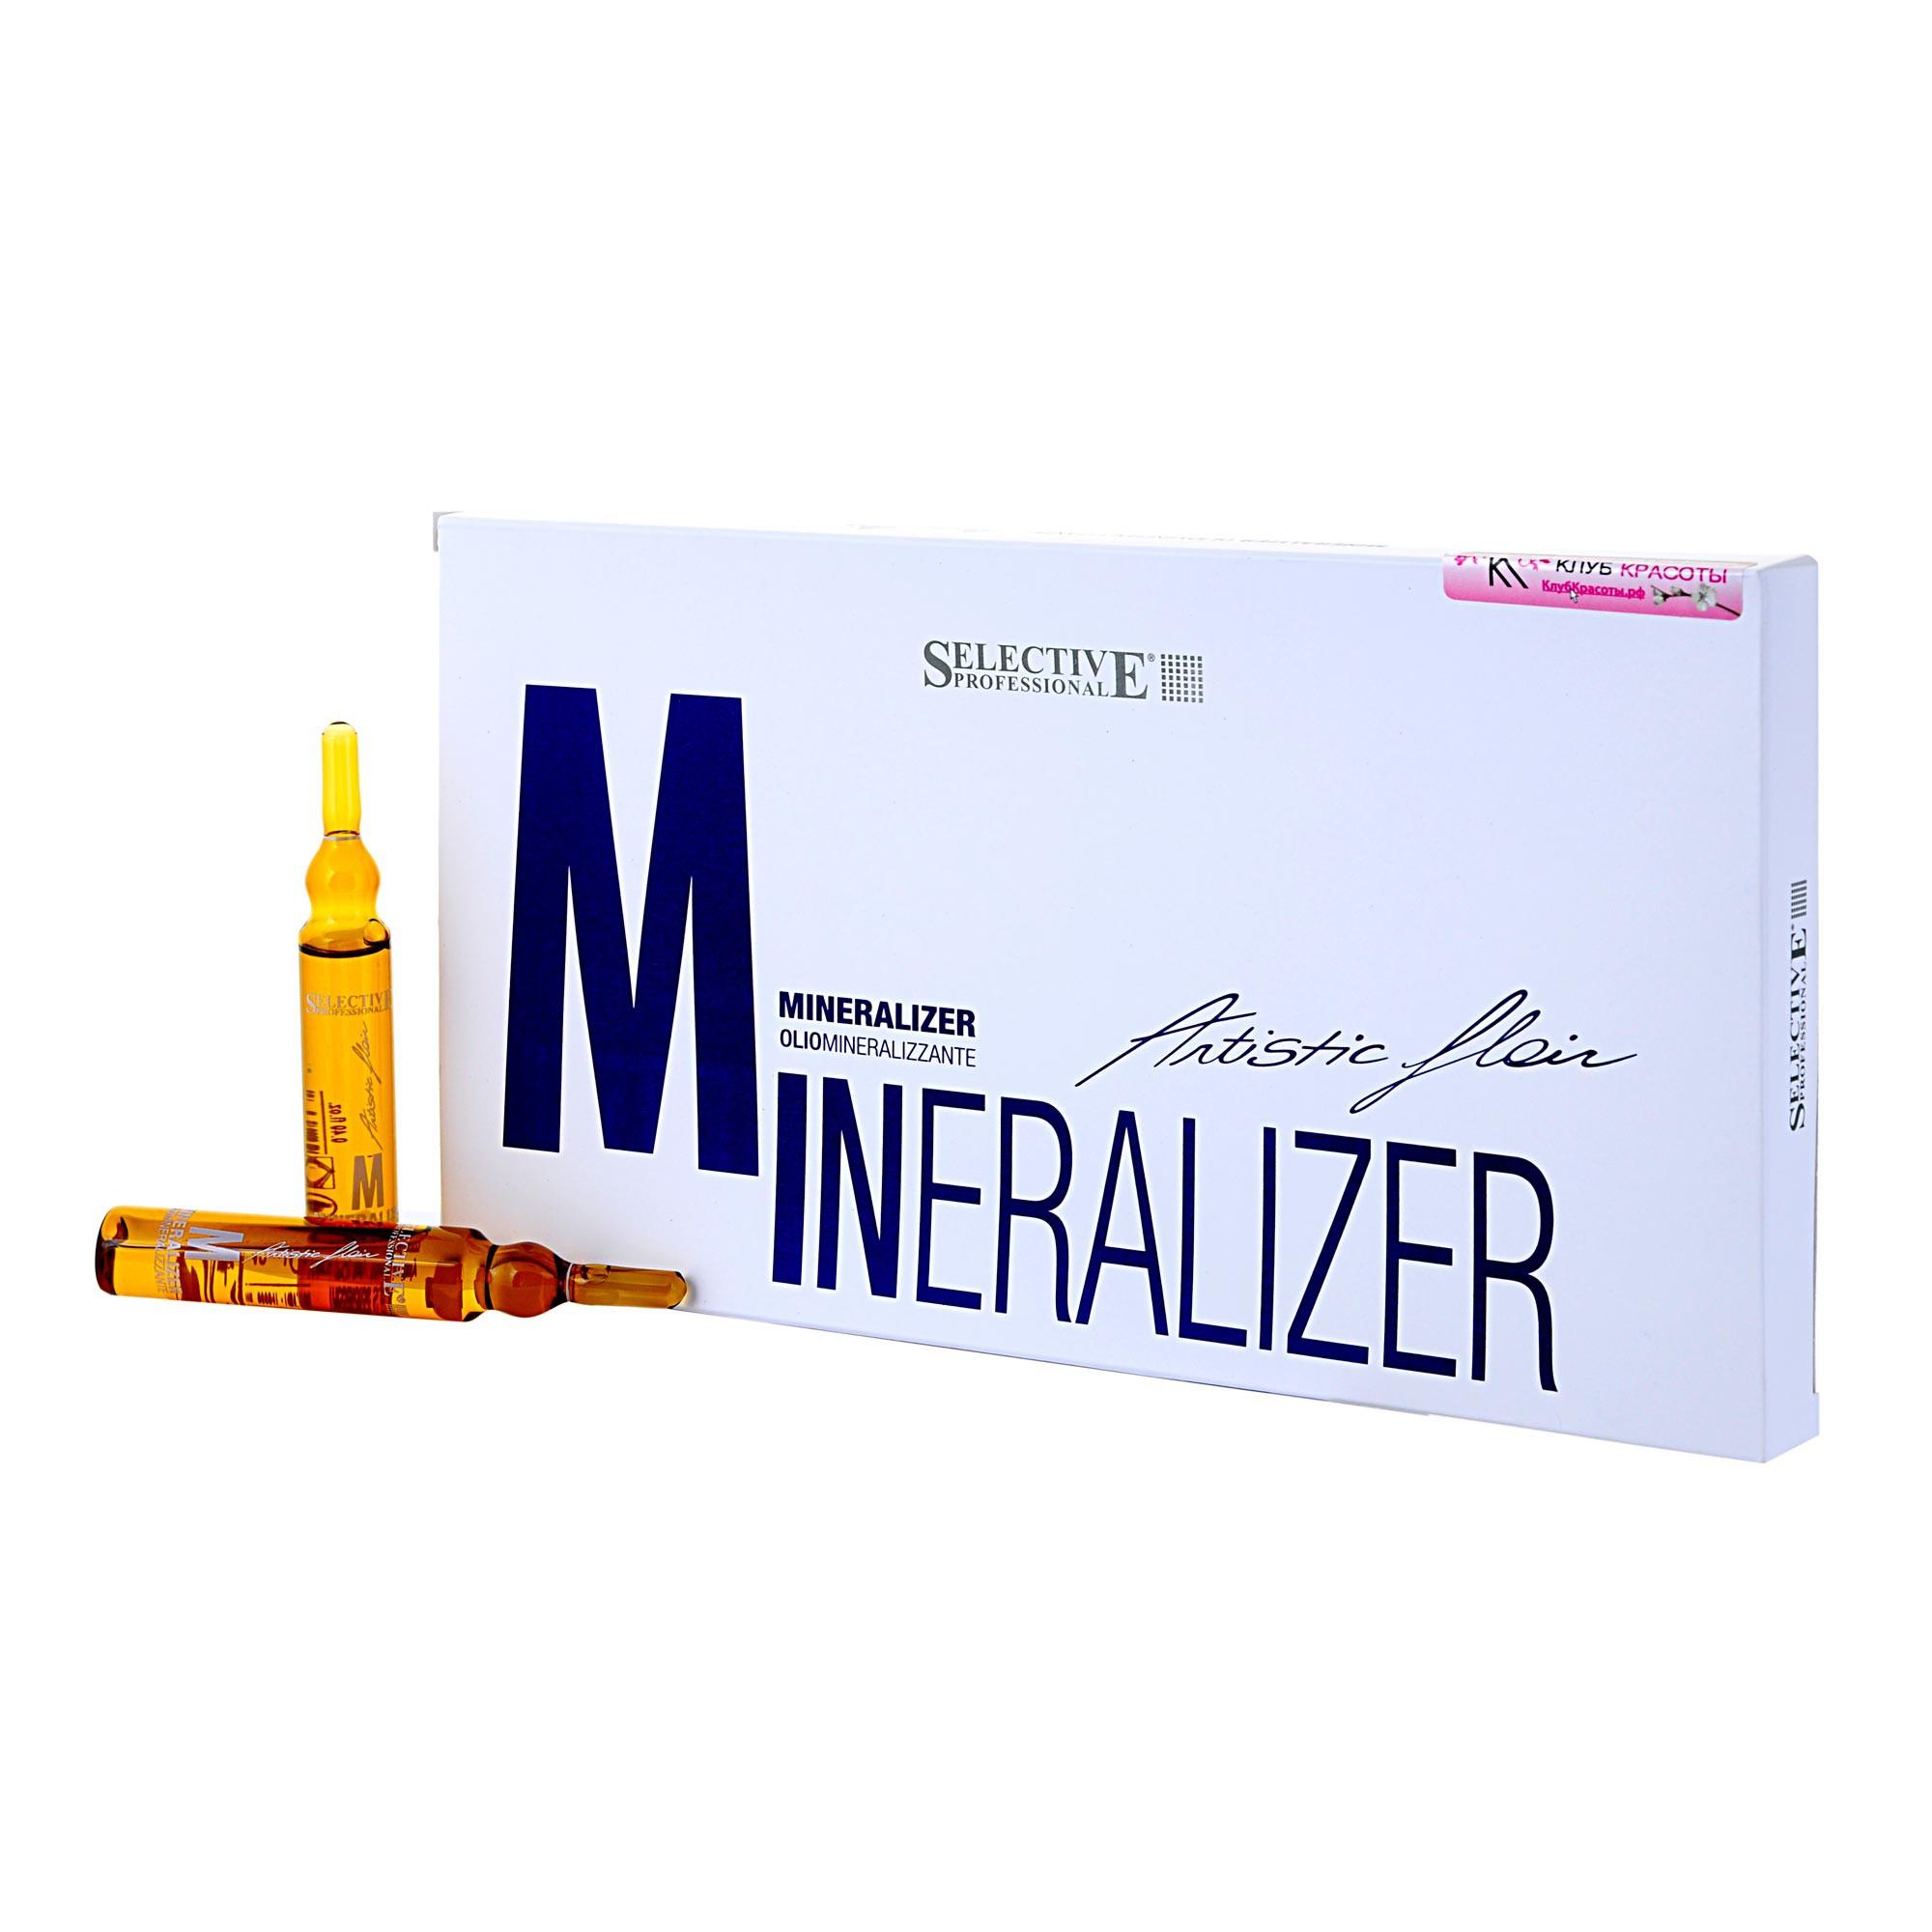 Ампулы для волос mineralizer как пользоваться